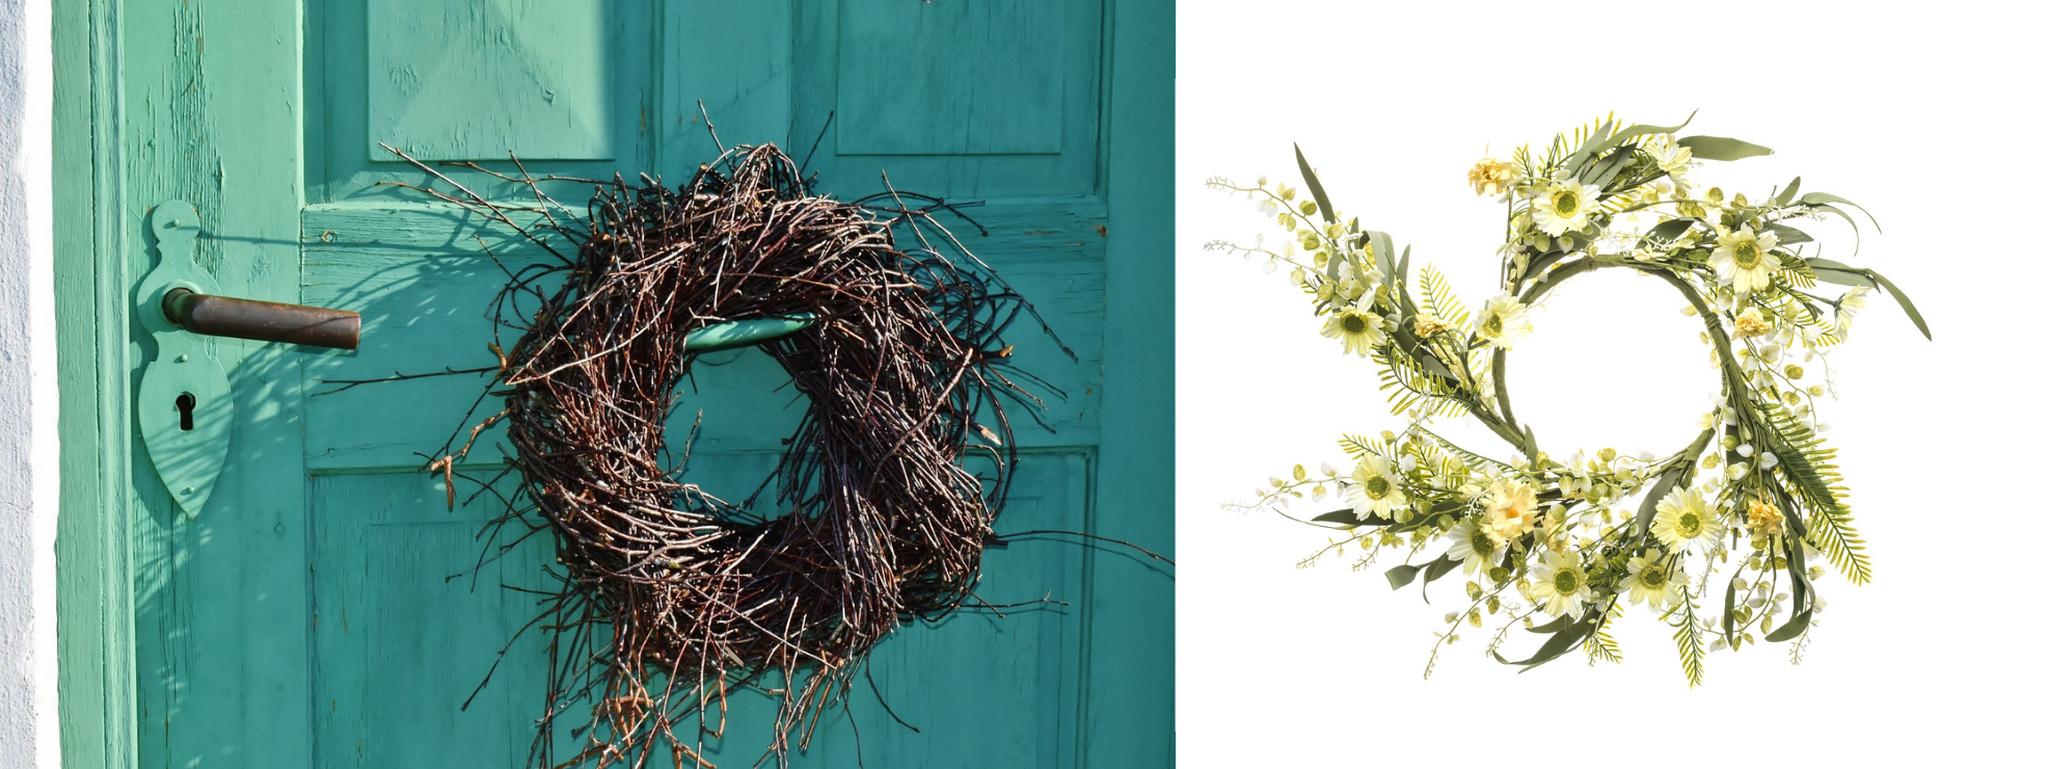 wianek z kwiatów wiosenny wielkanocny na drzwi